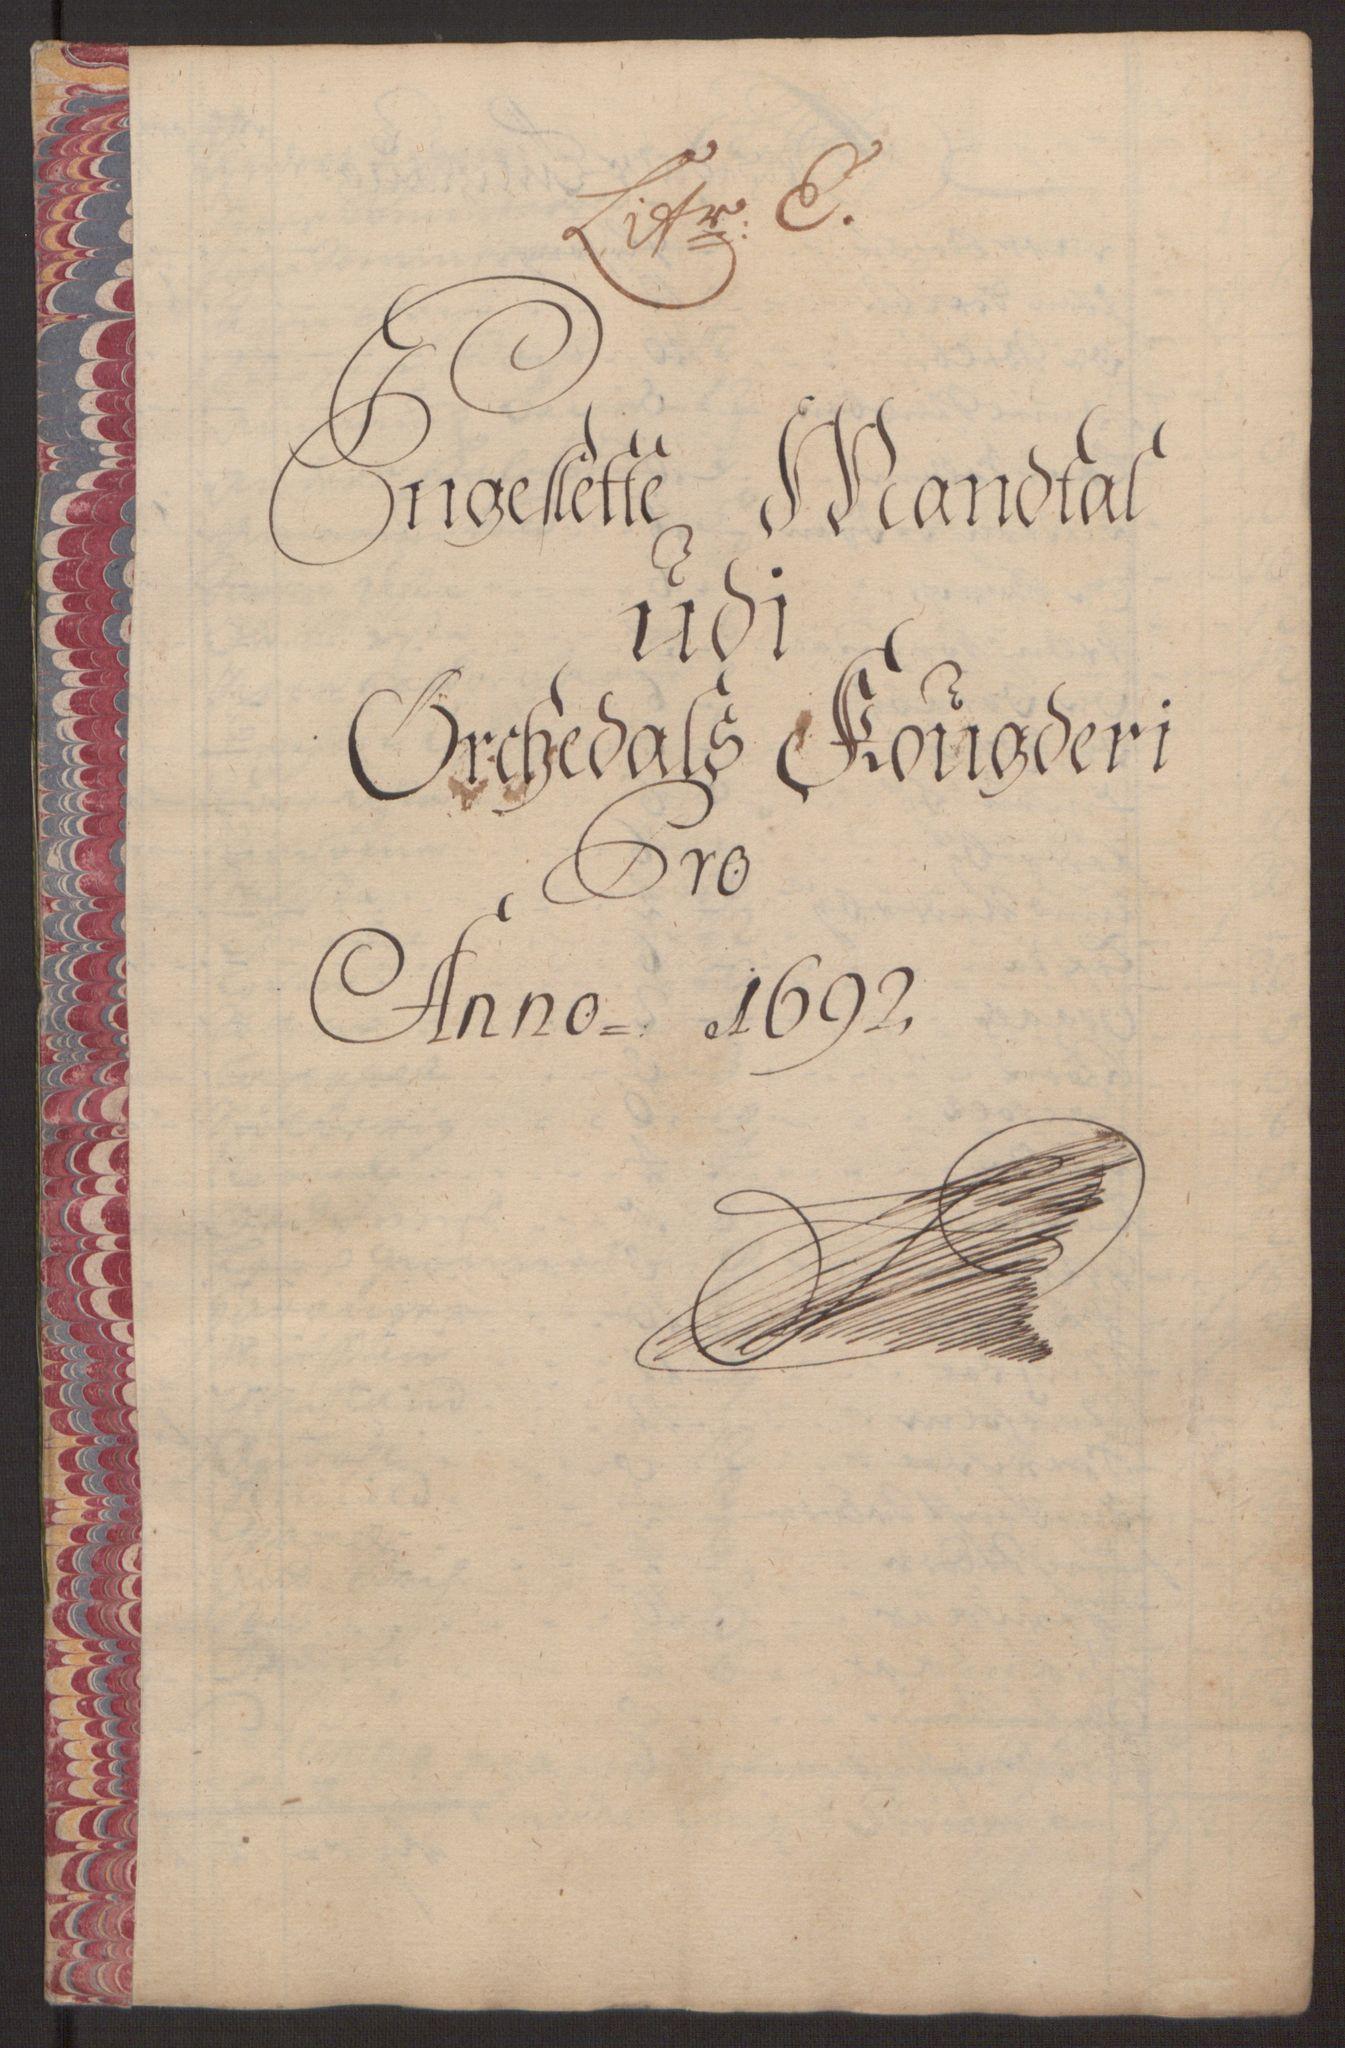 RA, Rentekammeret inntil 1814, Reviderte regnskaper, Fogderegnskap, R58/L3937: Fogderegnskap Orkdal, 1691-1692, s. 248